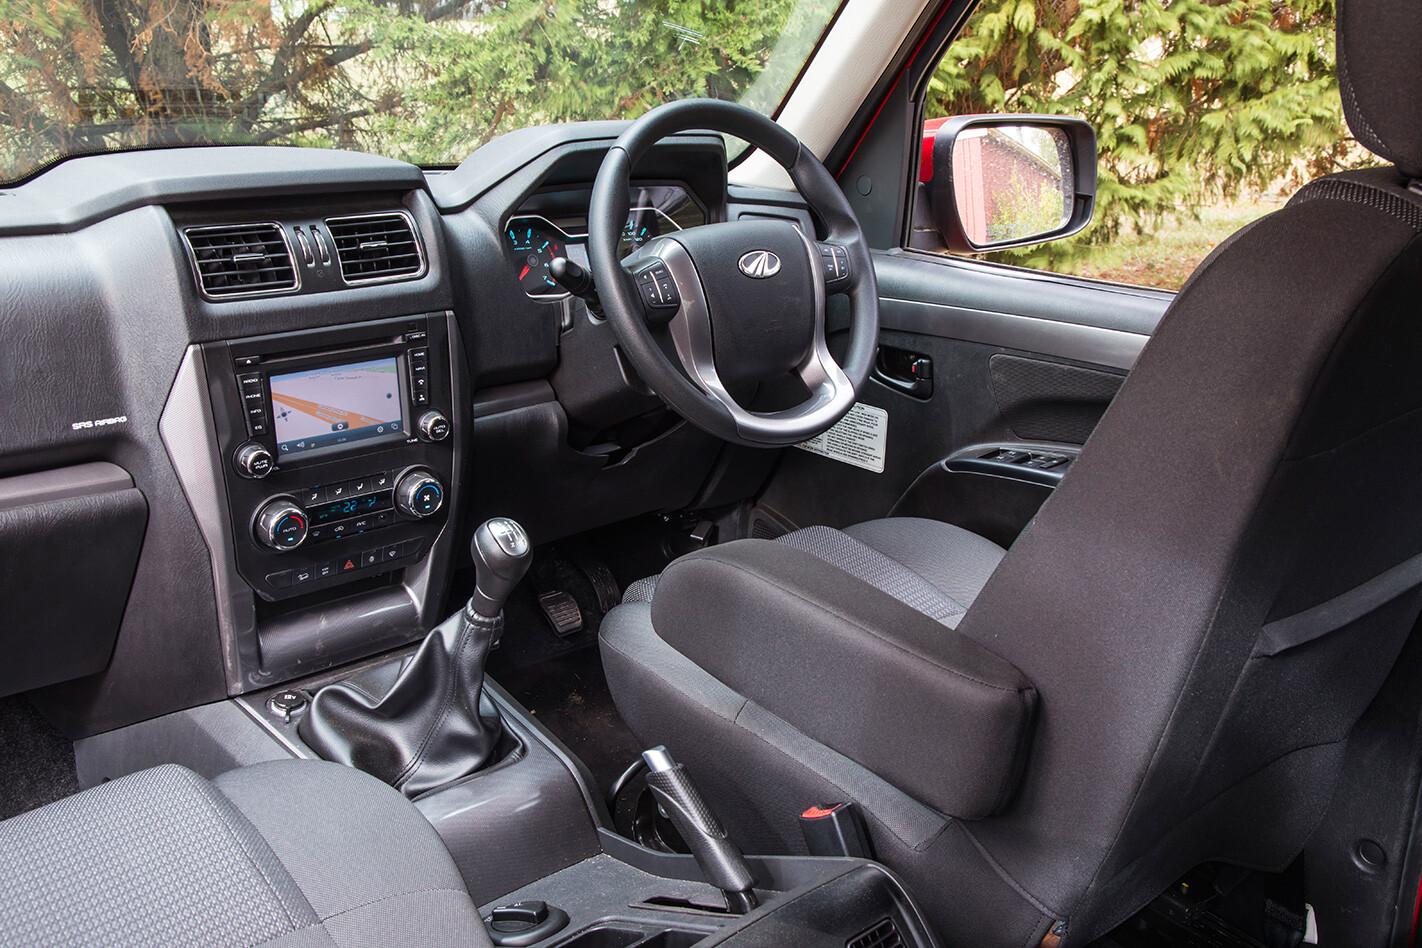 2018 Mahindra Pik-Up S10 interior